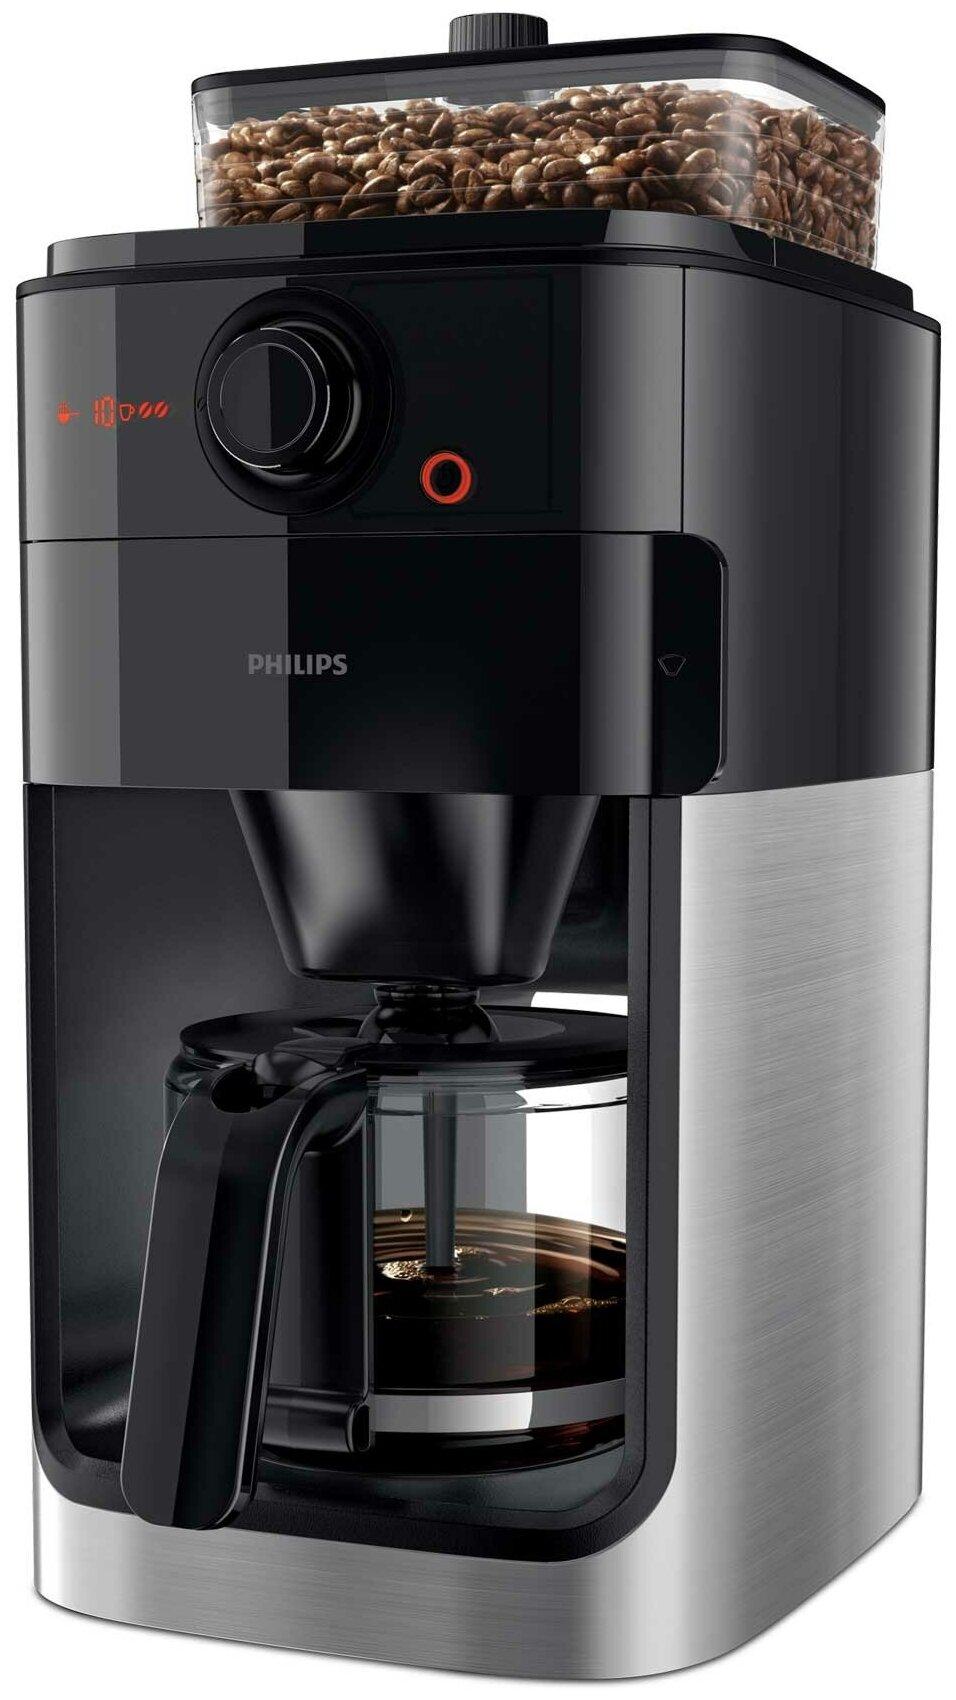 Philips HD7767 Grind & Brew - тип используемого кофе: молотый / зерновой